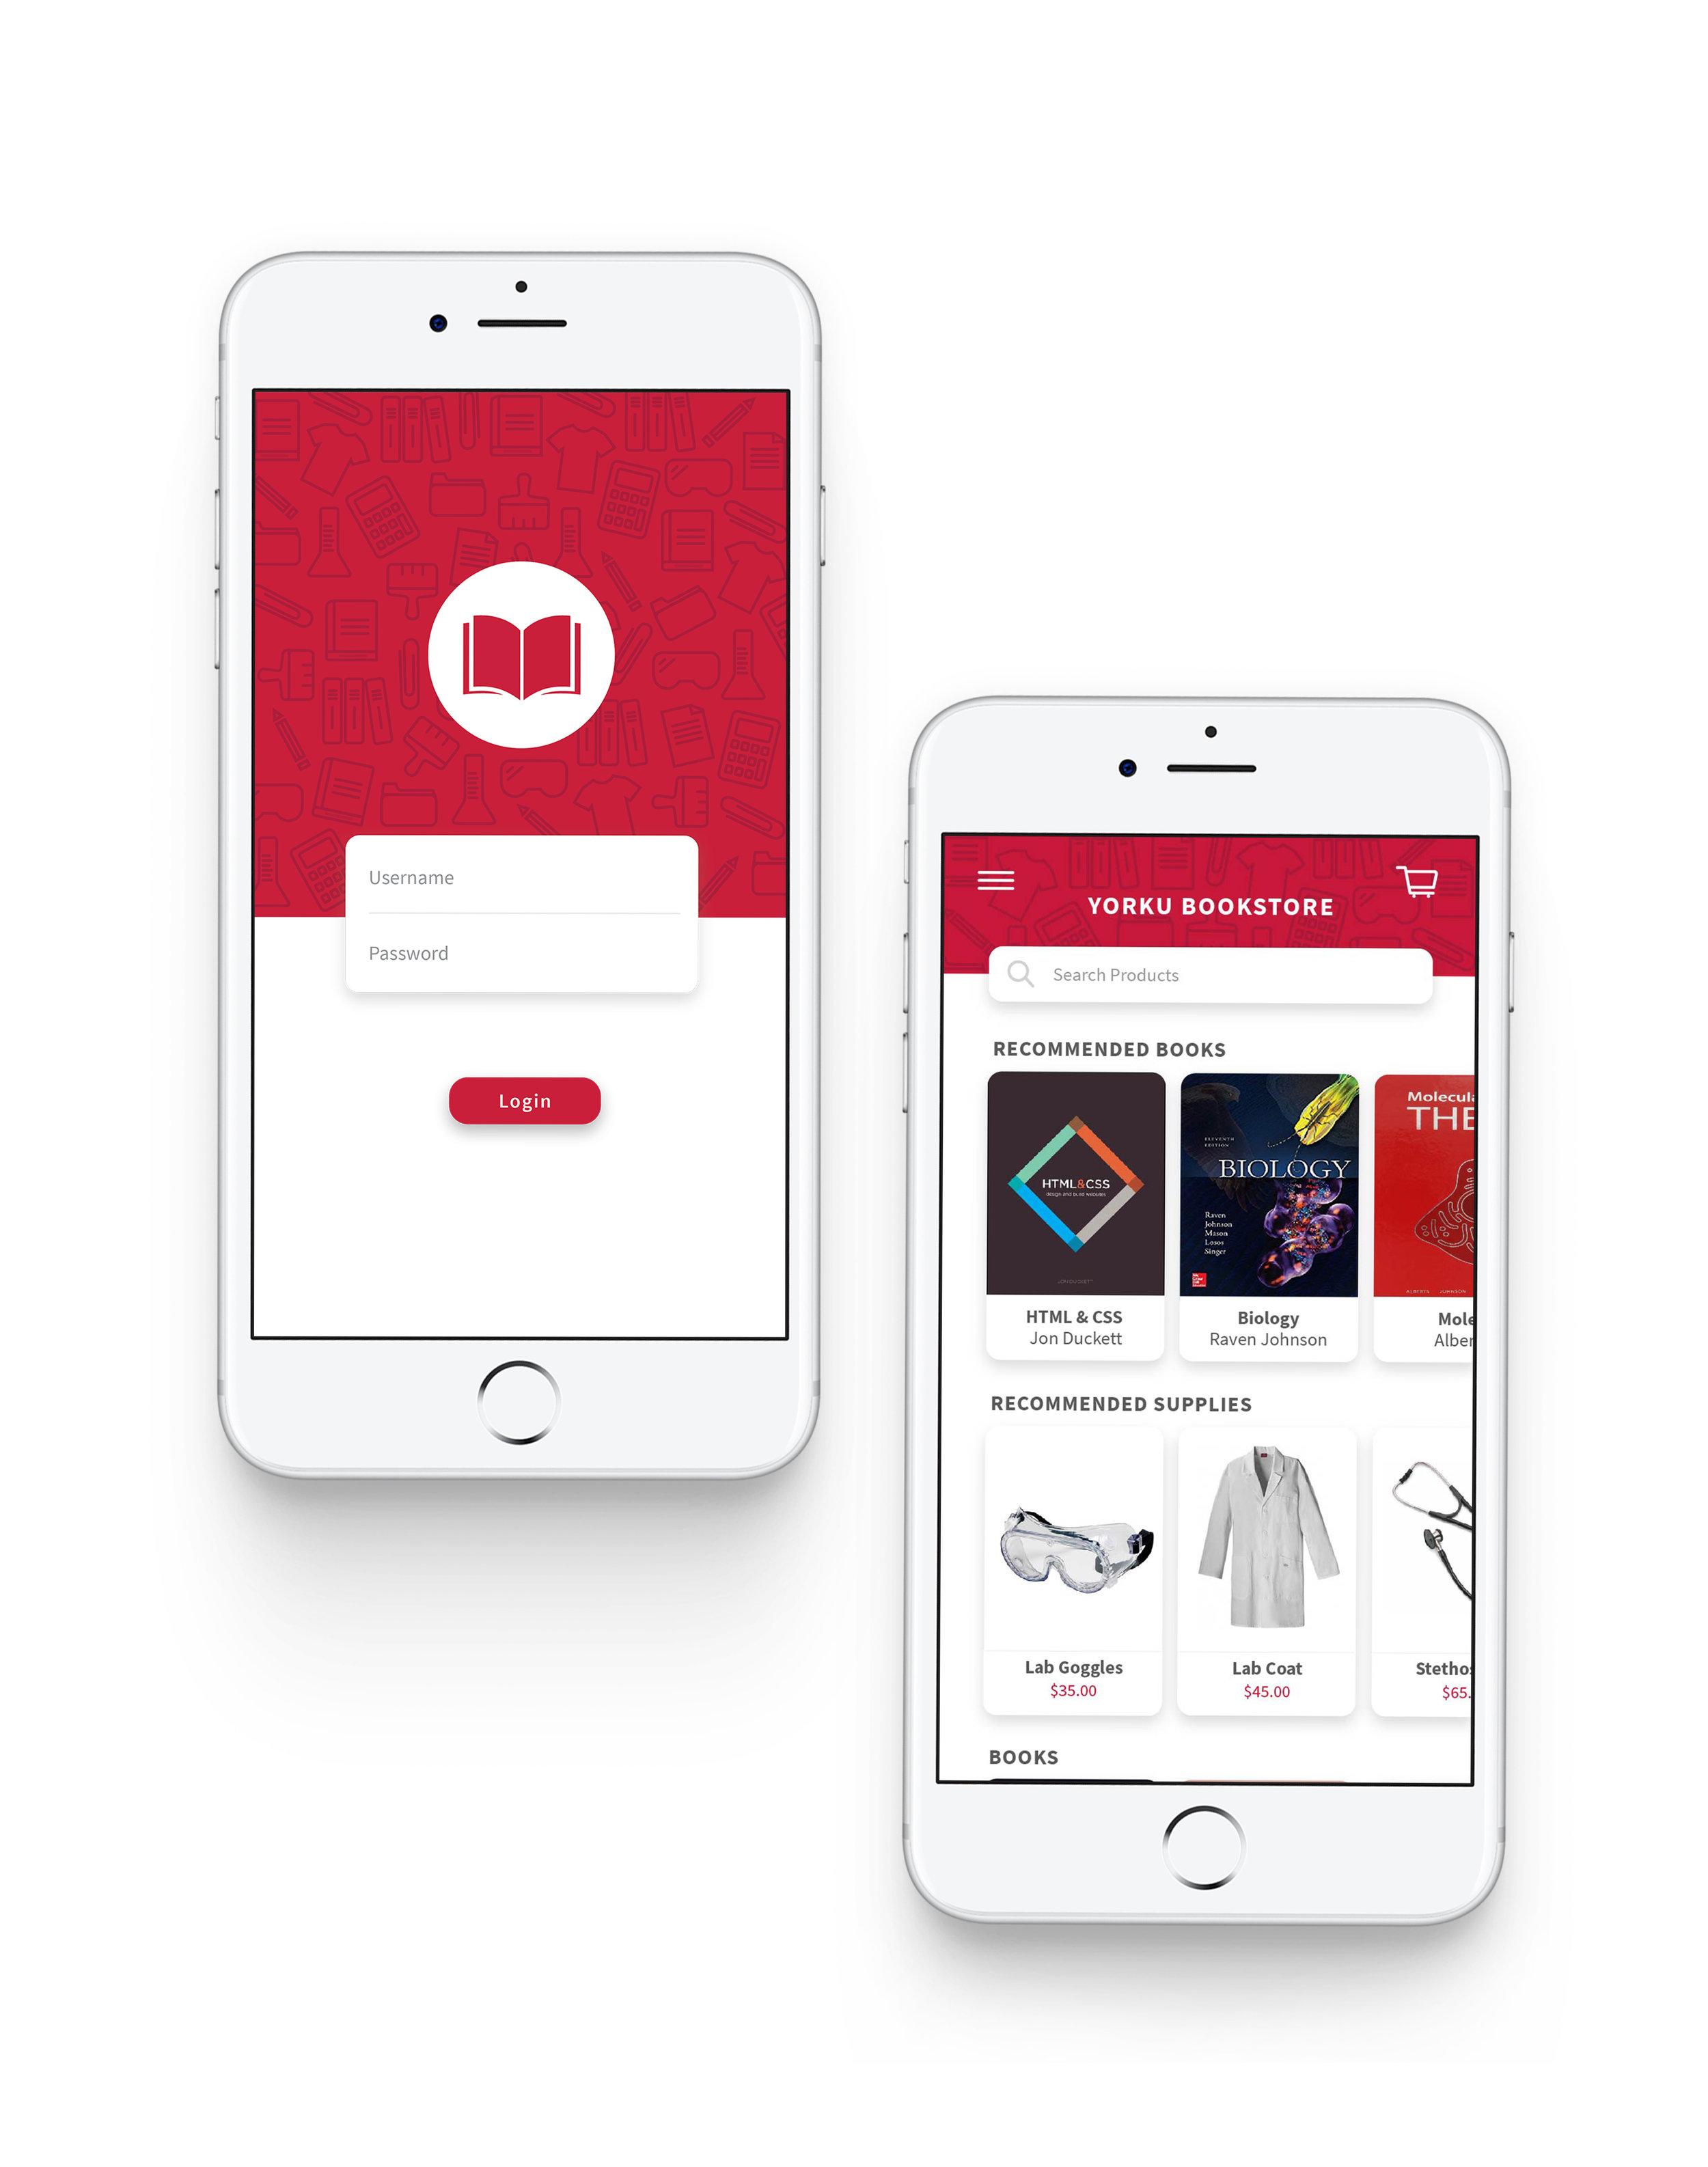 App-Mockup.jpg